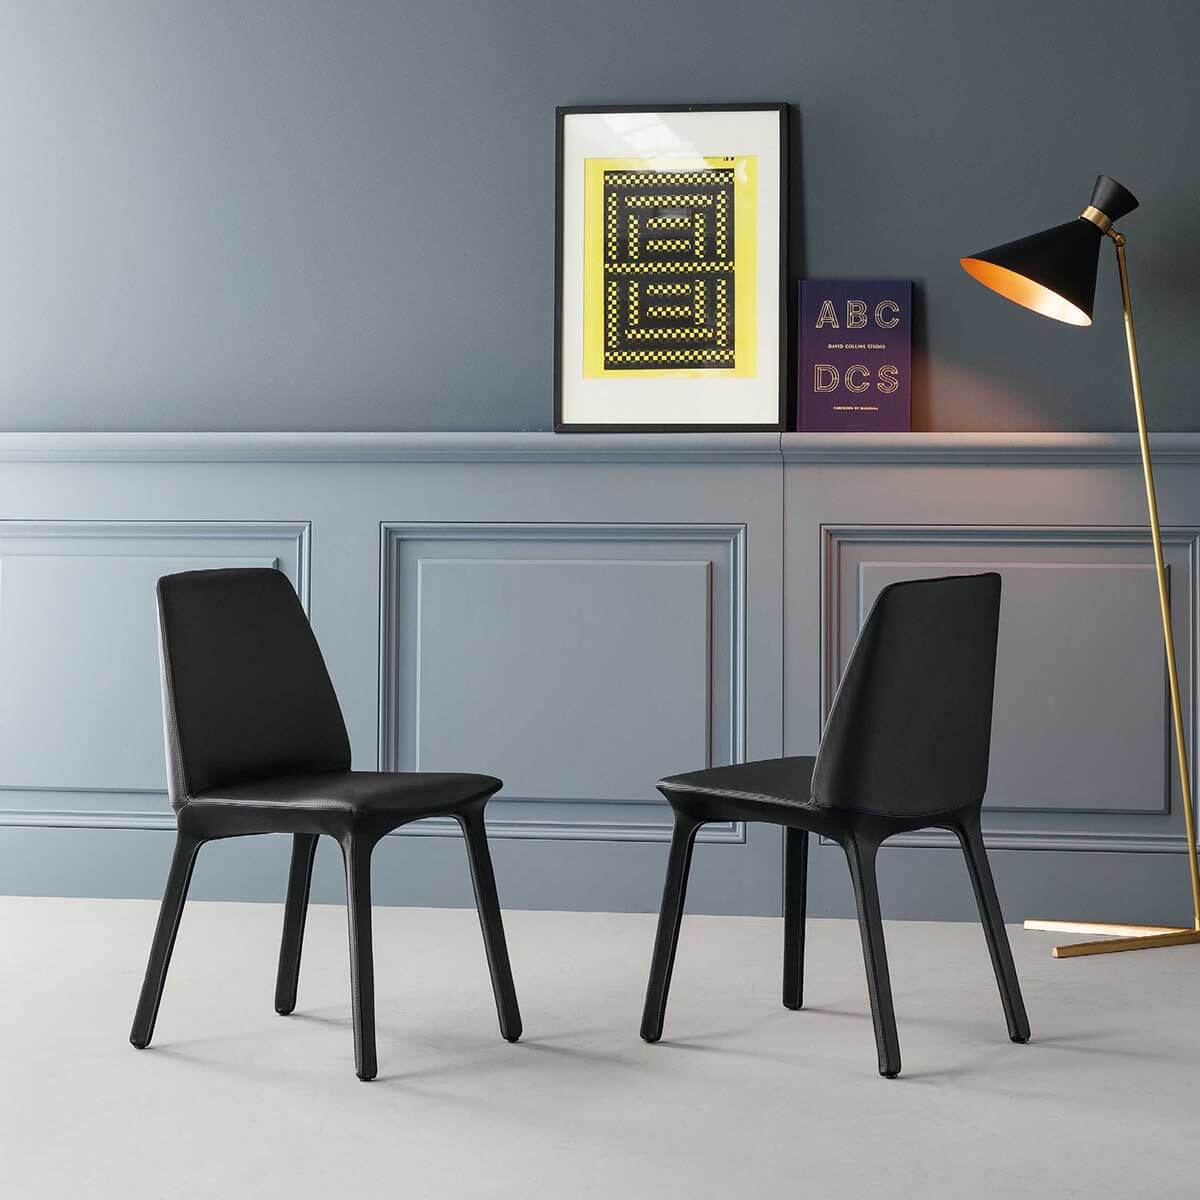 Трапезен стол Flute от Bonaldo, Италия